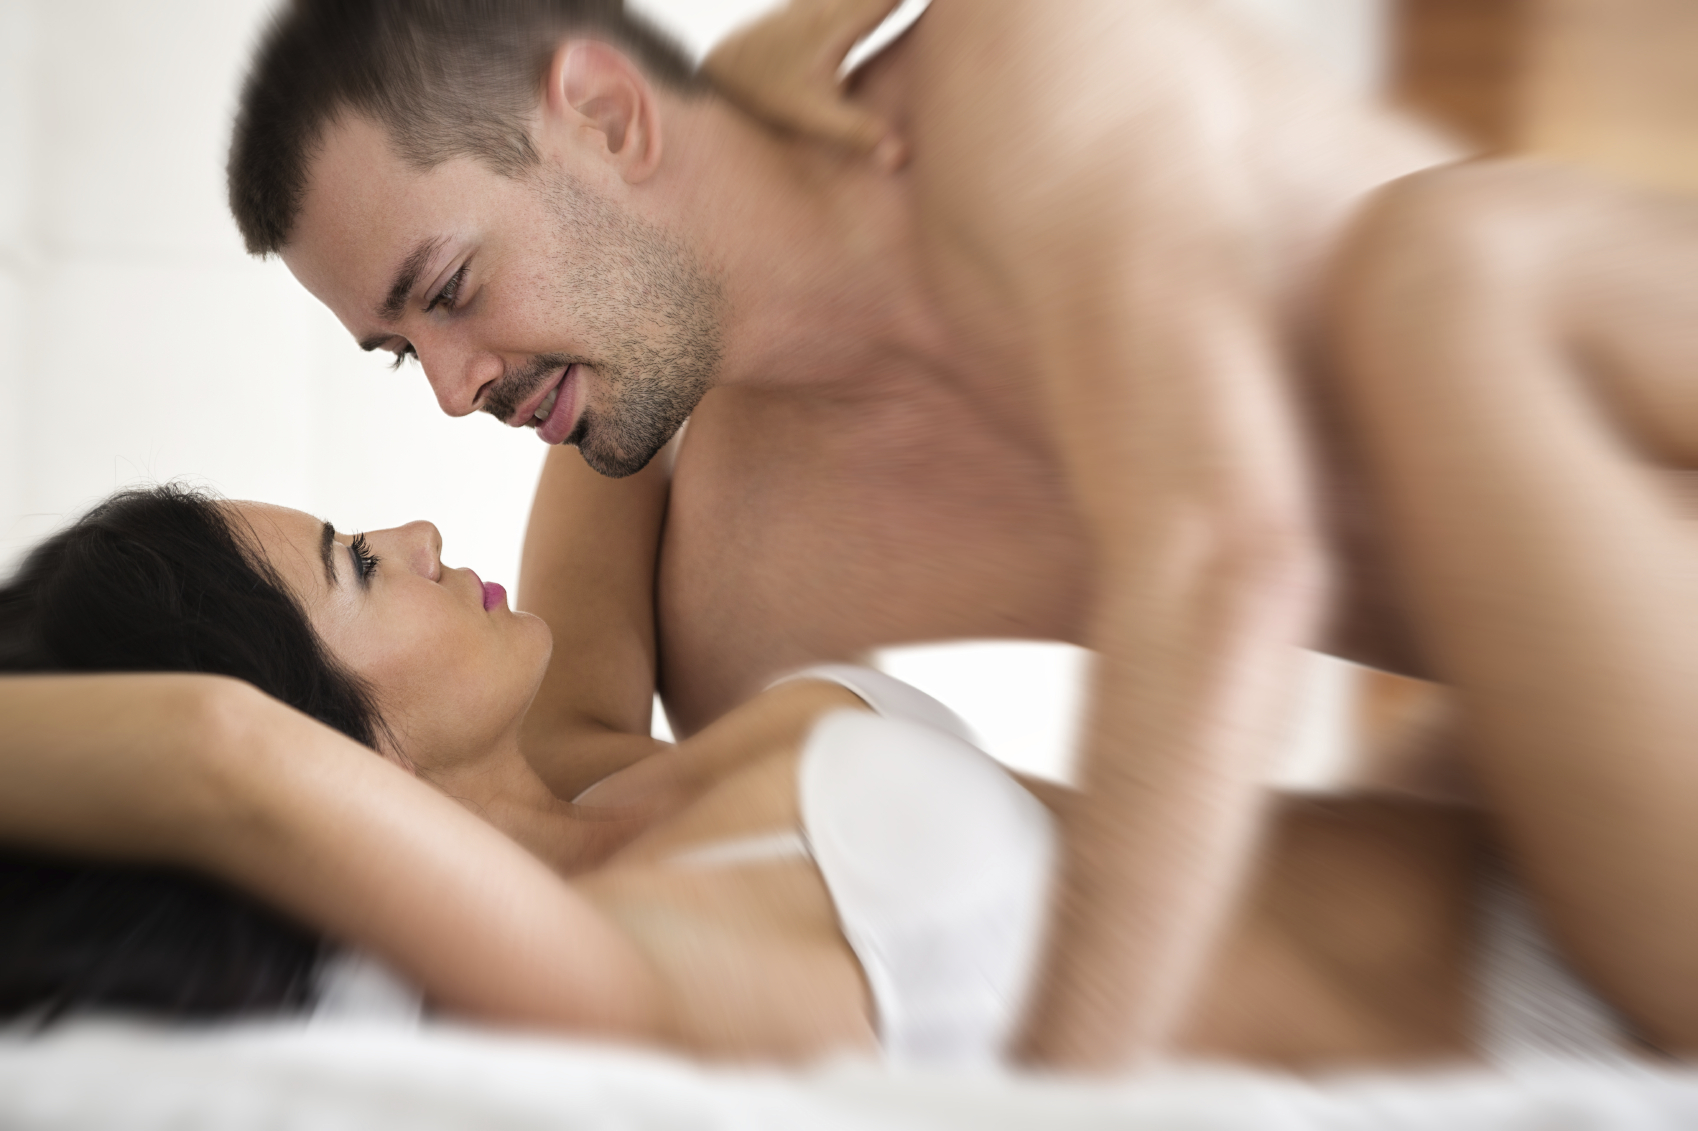 dansk porno forum eroguide